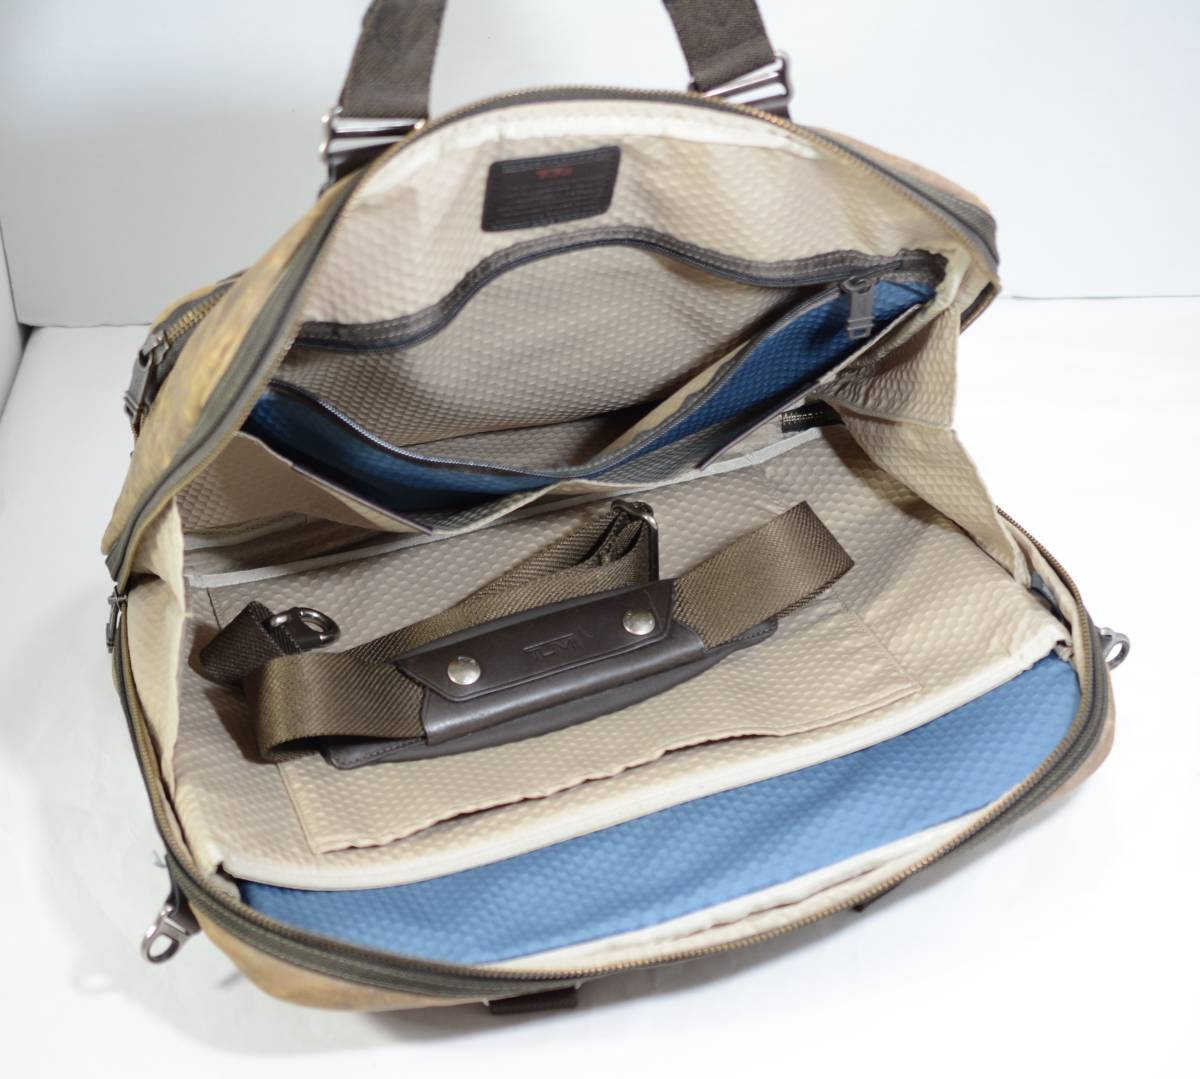 ☆美品 TUMI トゥミ ビジネスバッグ ブリーフケース バッグ 茶色 ブラウン☆高級書類鞄☆_画像3